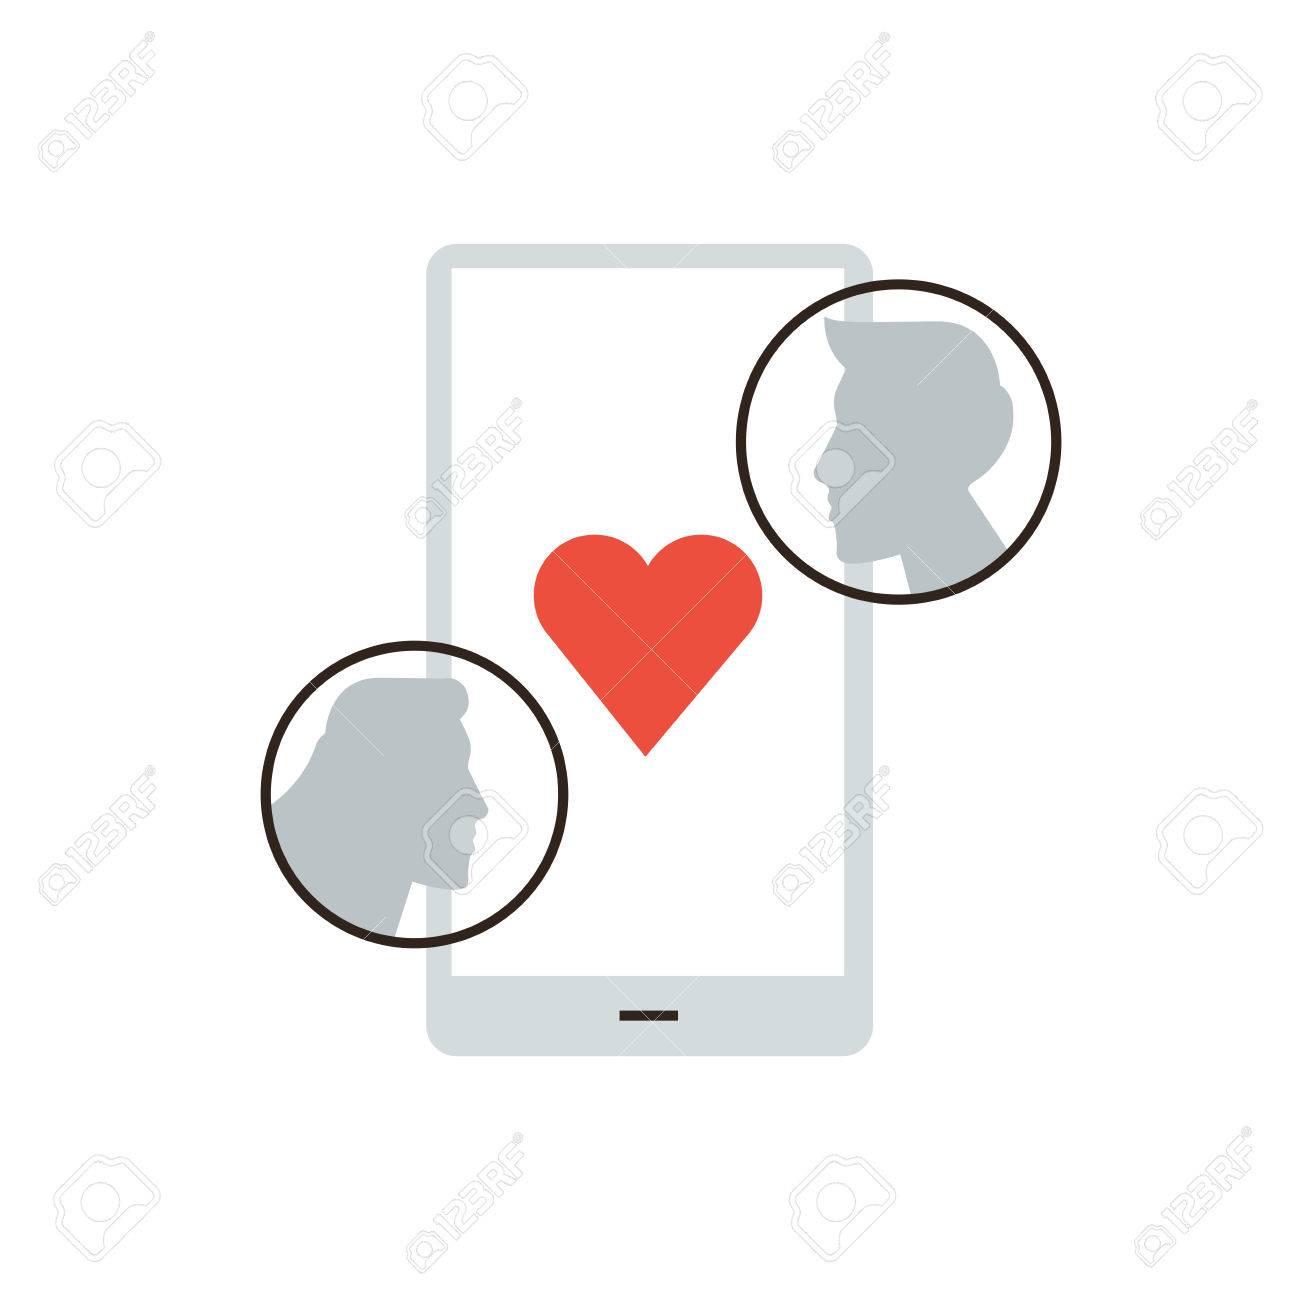 rencontres en ligne mettant en place une date